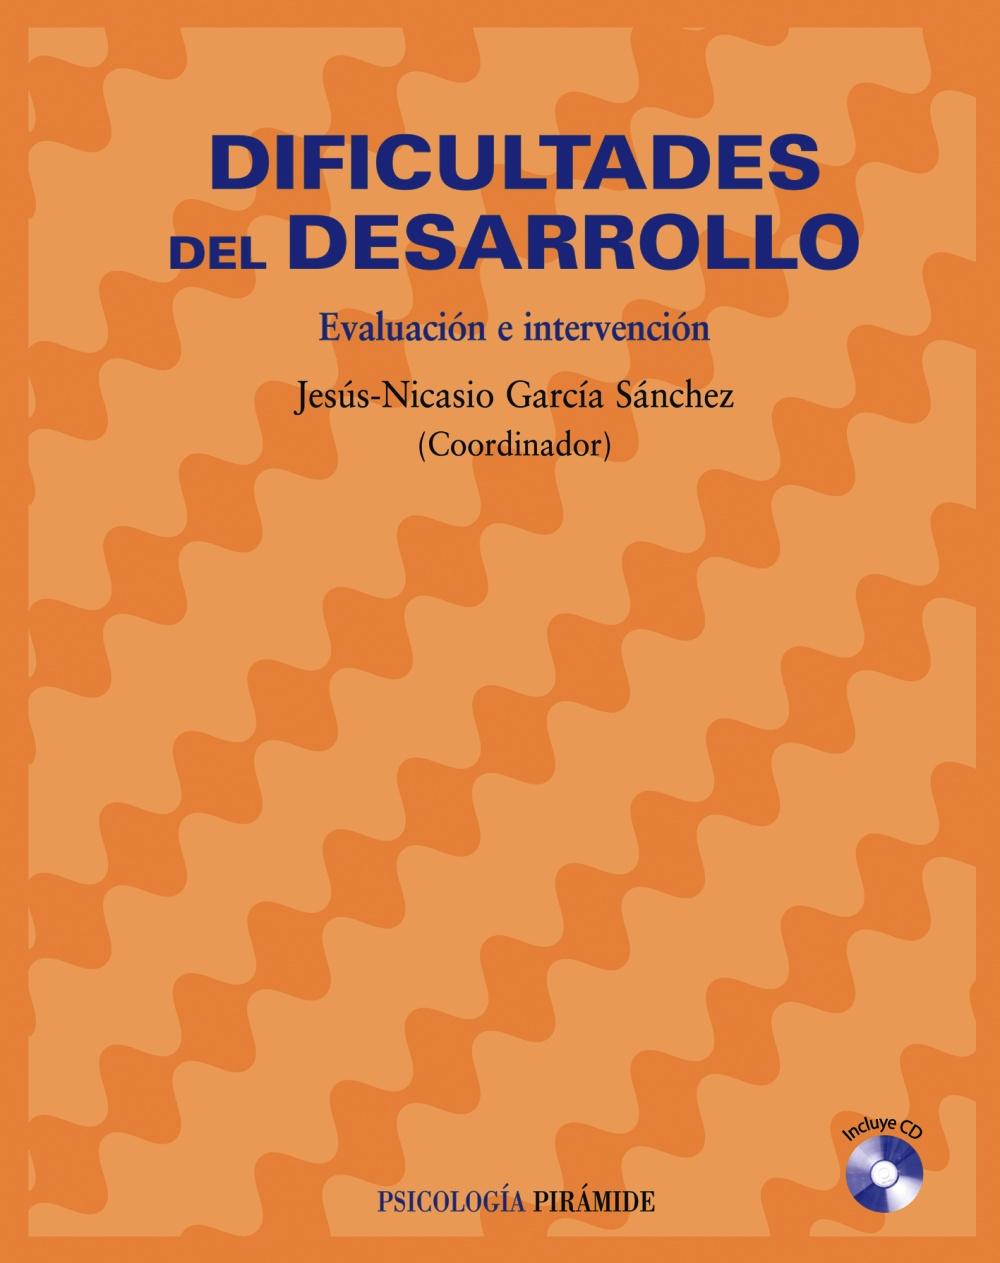 Dificultades Del Desarrollo: Evaluacion E Intervencion por Jesus-nicasio Garcia-sanchez Gratis